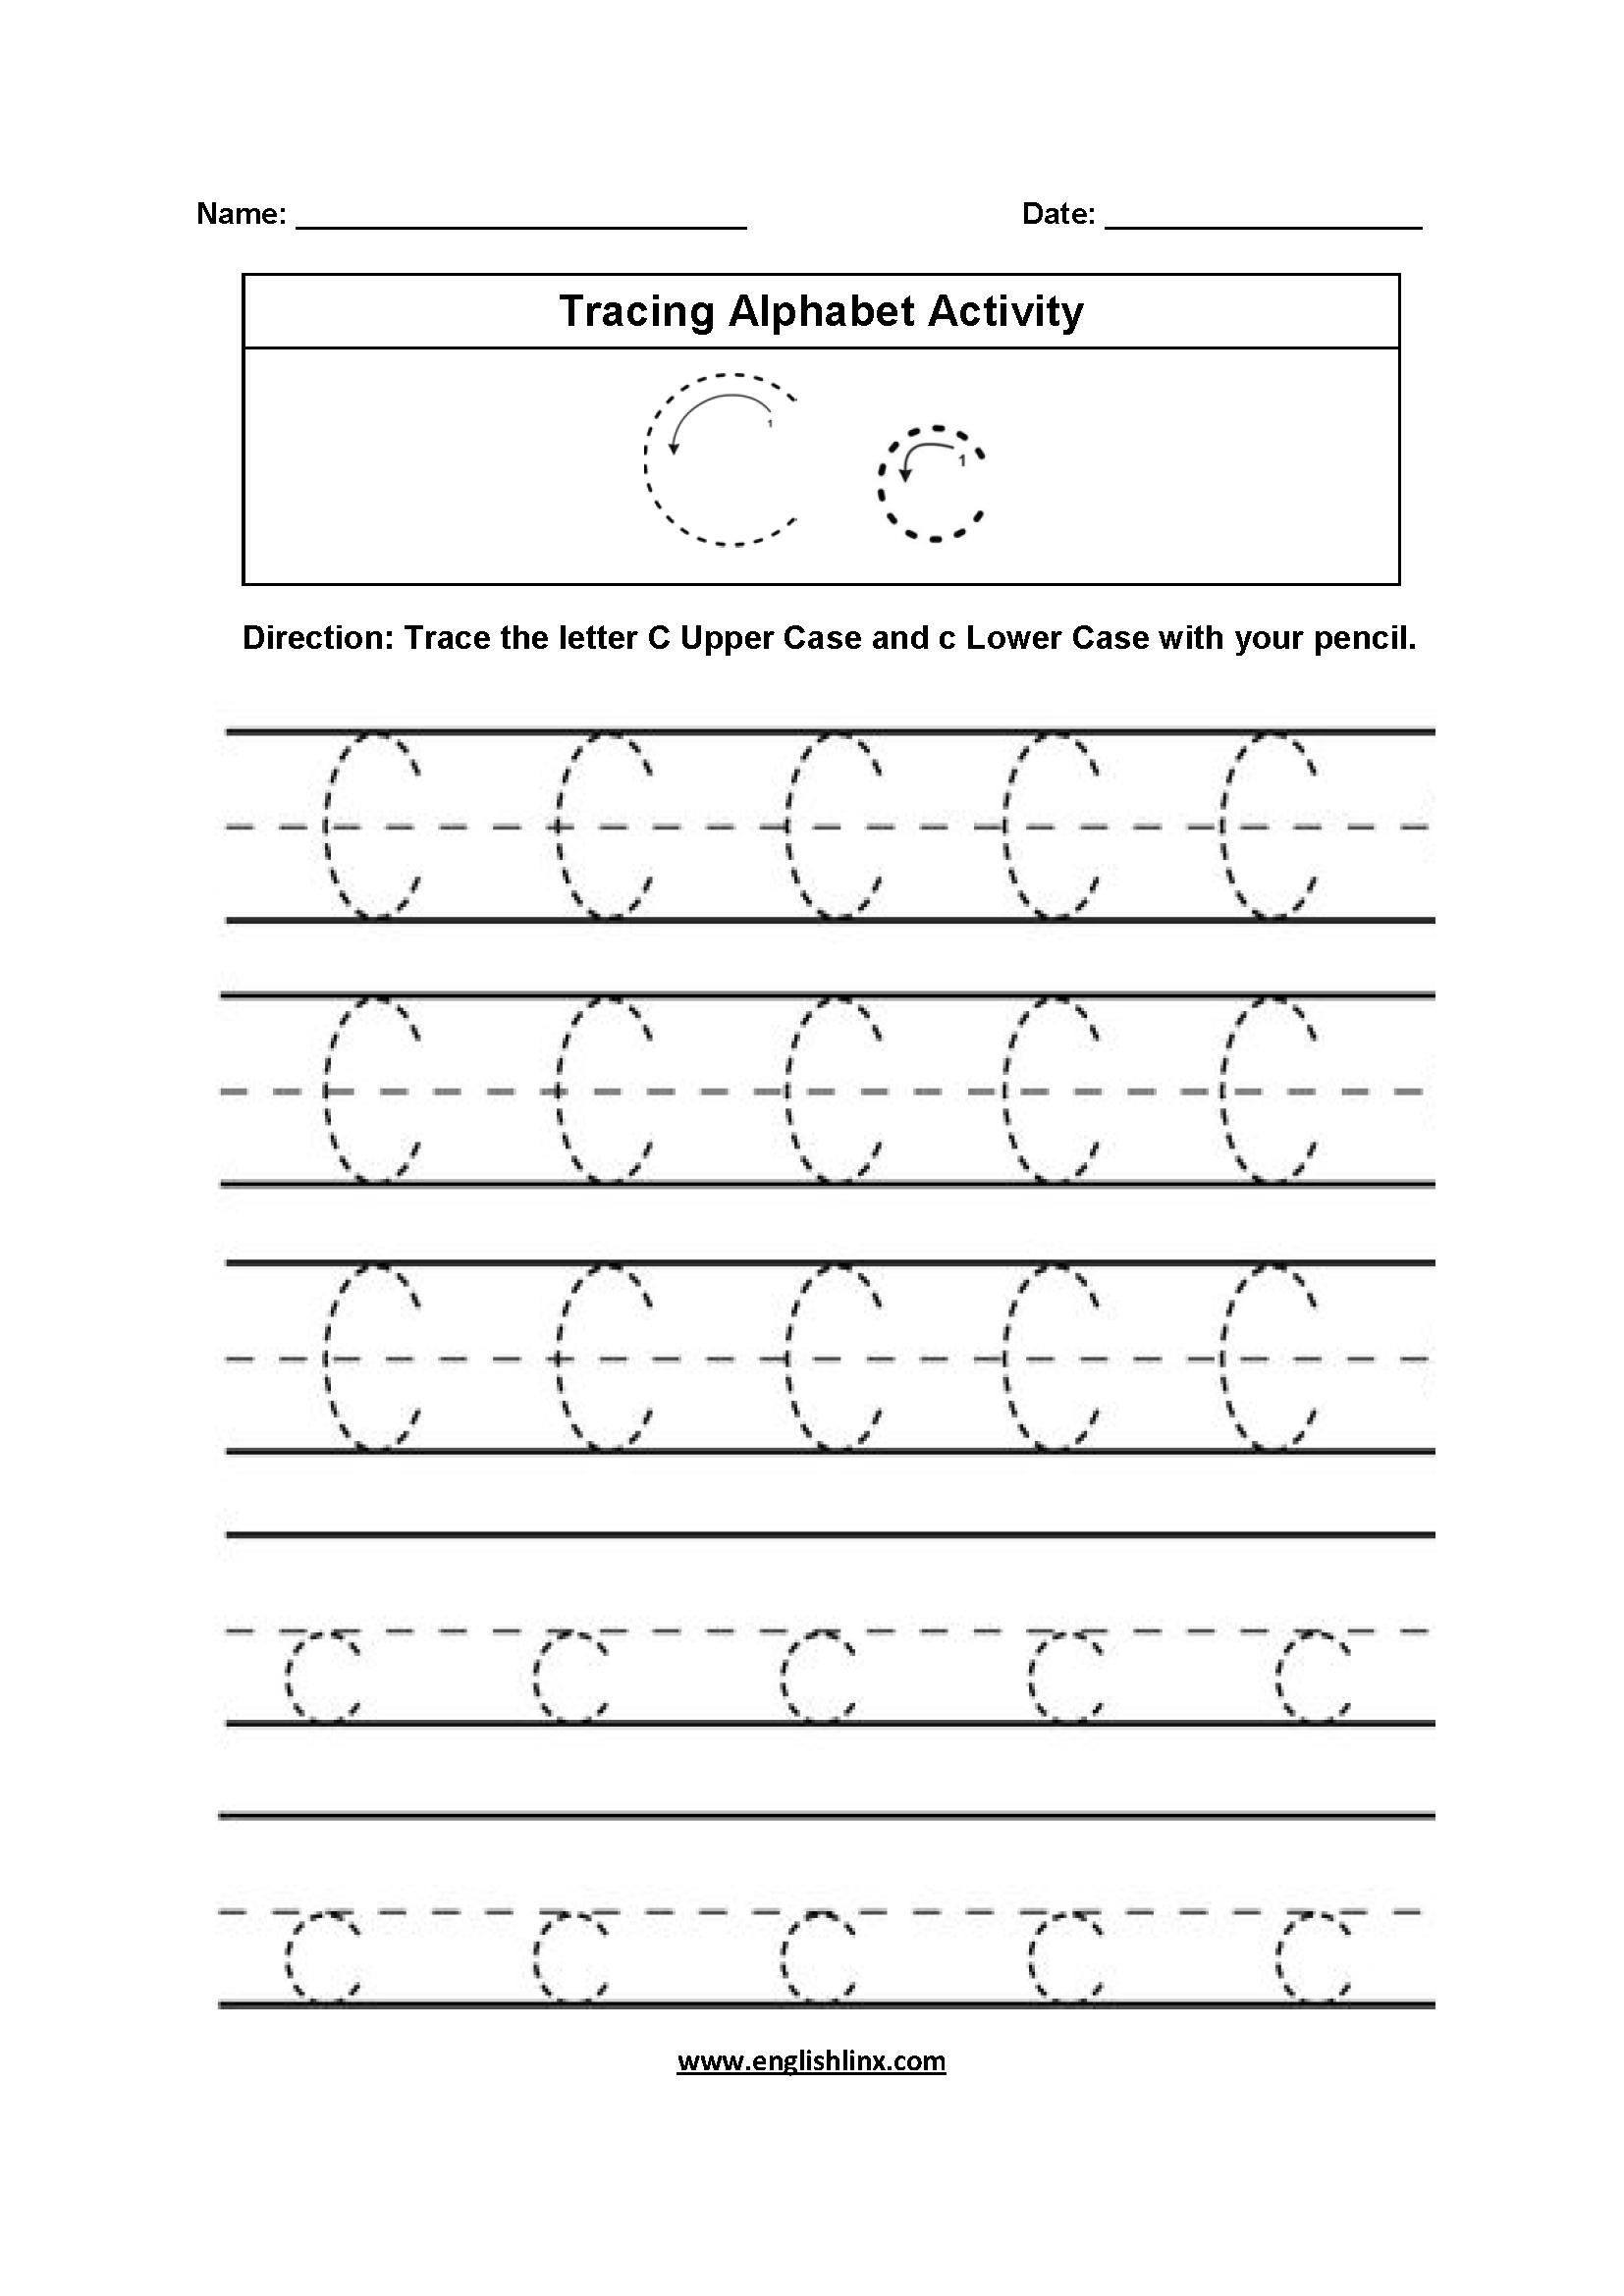 Alphabet Worksheets | Tracing Alphabet Worksheets inside Letter C Tracing Worksheets Pdf